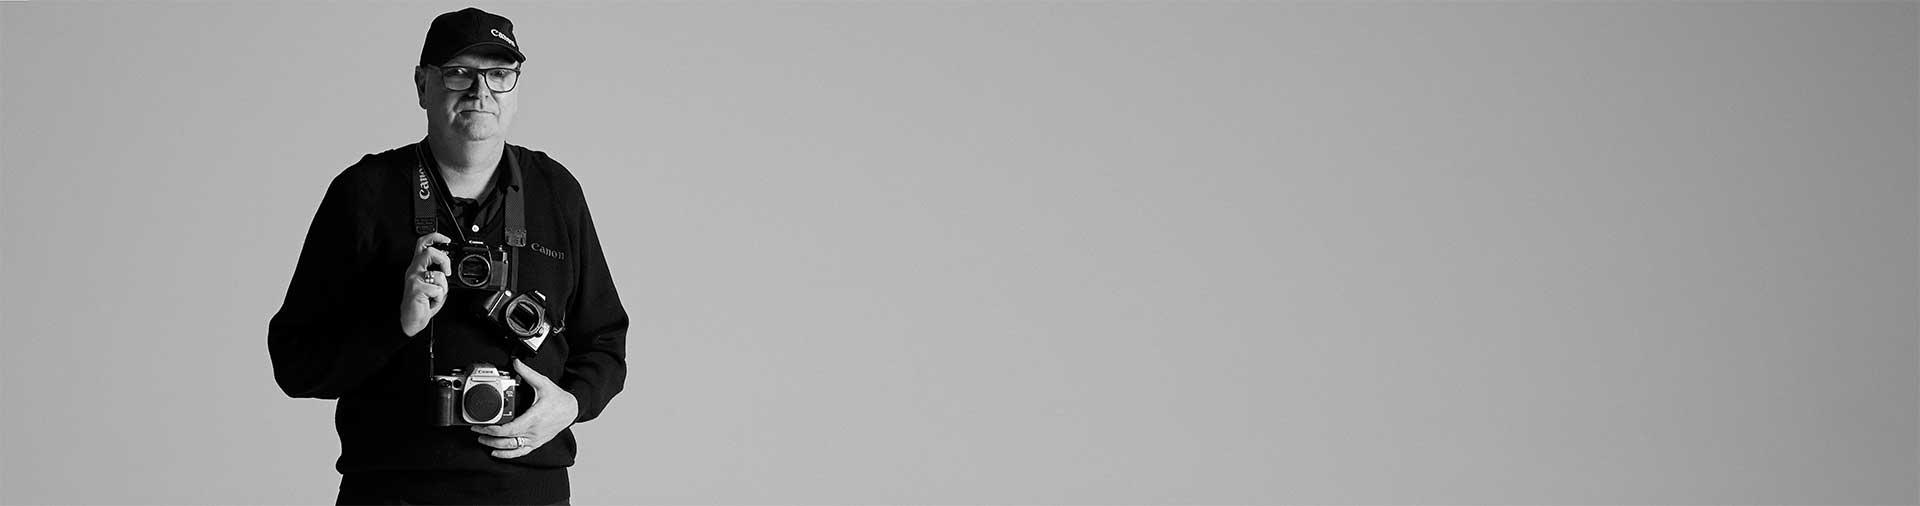 black-and-white-portrait-of-camera-technician-phillip-reid-by-kristina-yenko